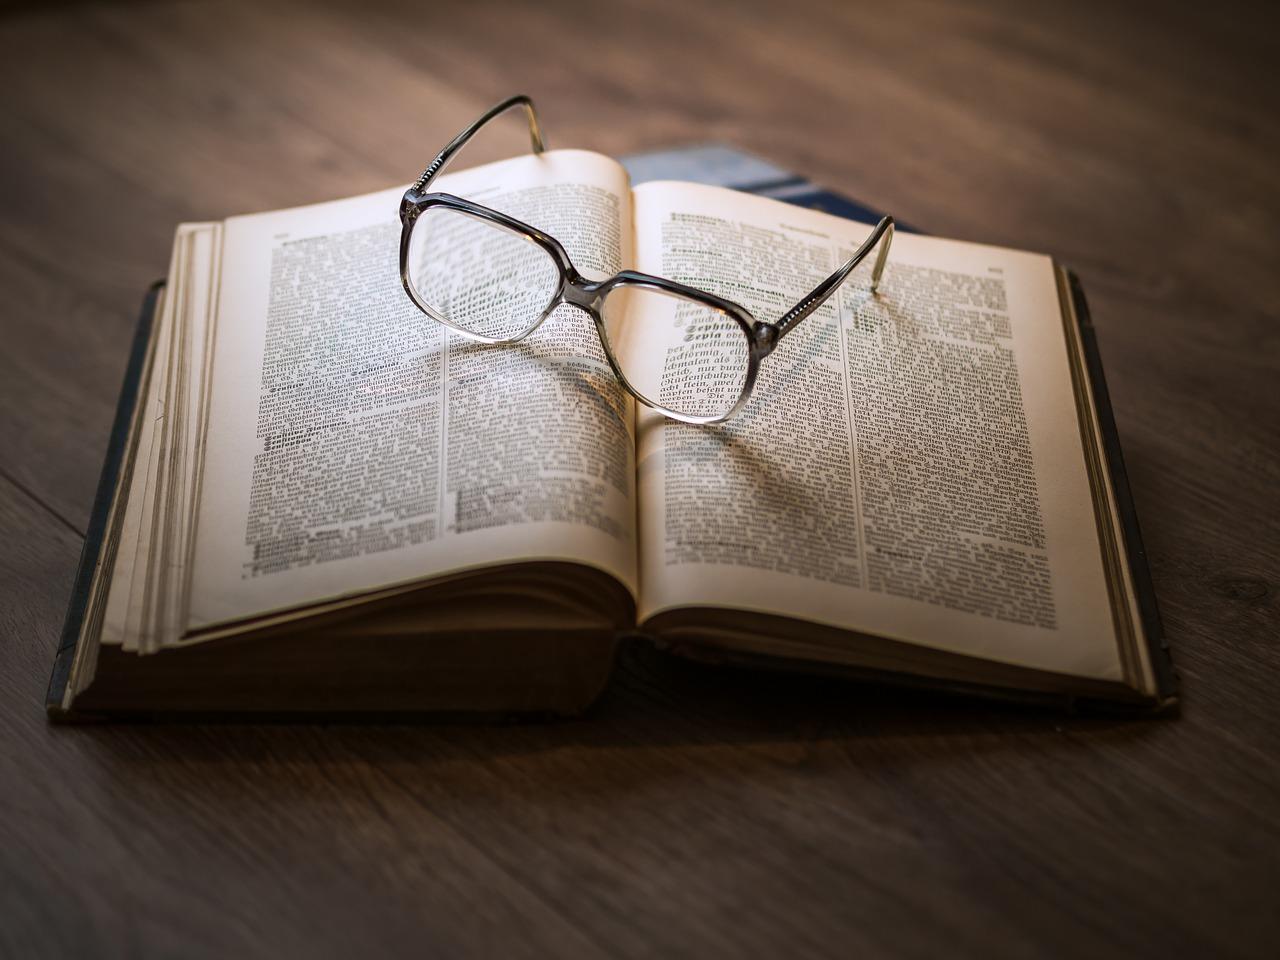 Biblioteksplan ska främja demokrati, läsning och lärande